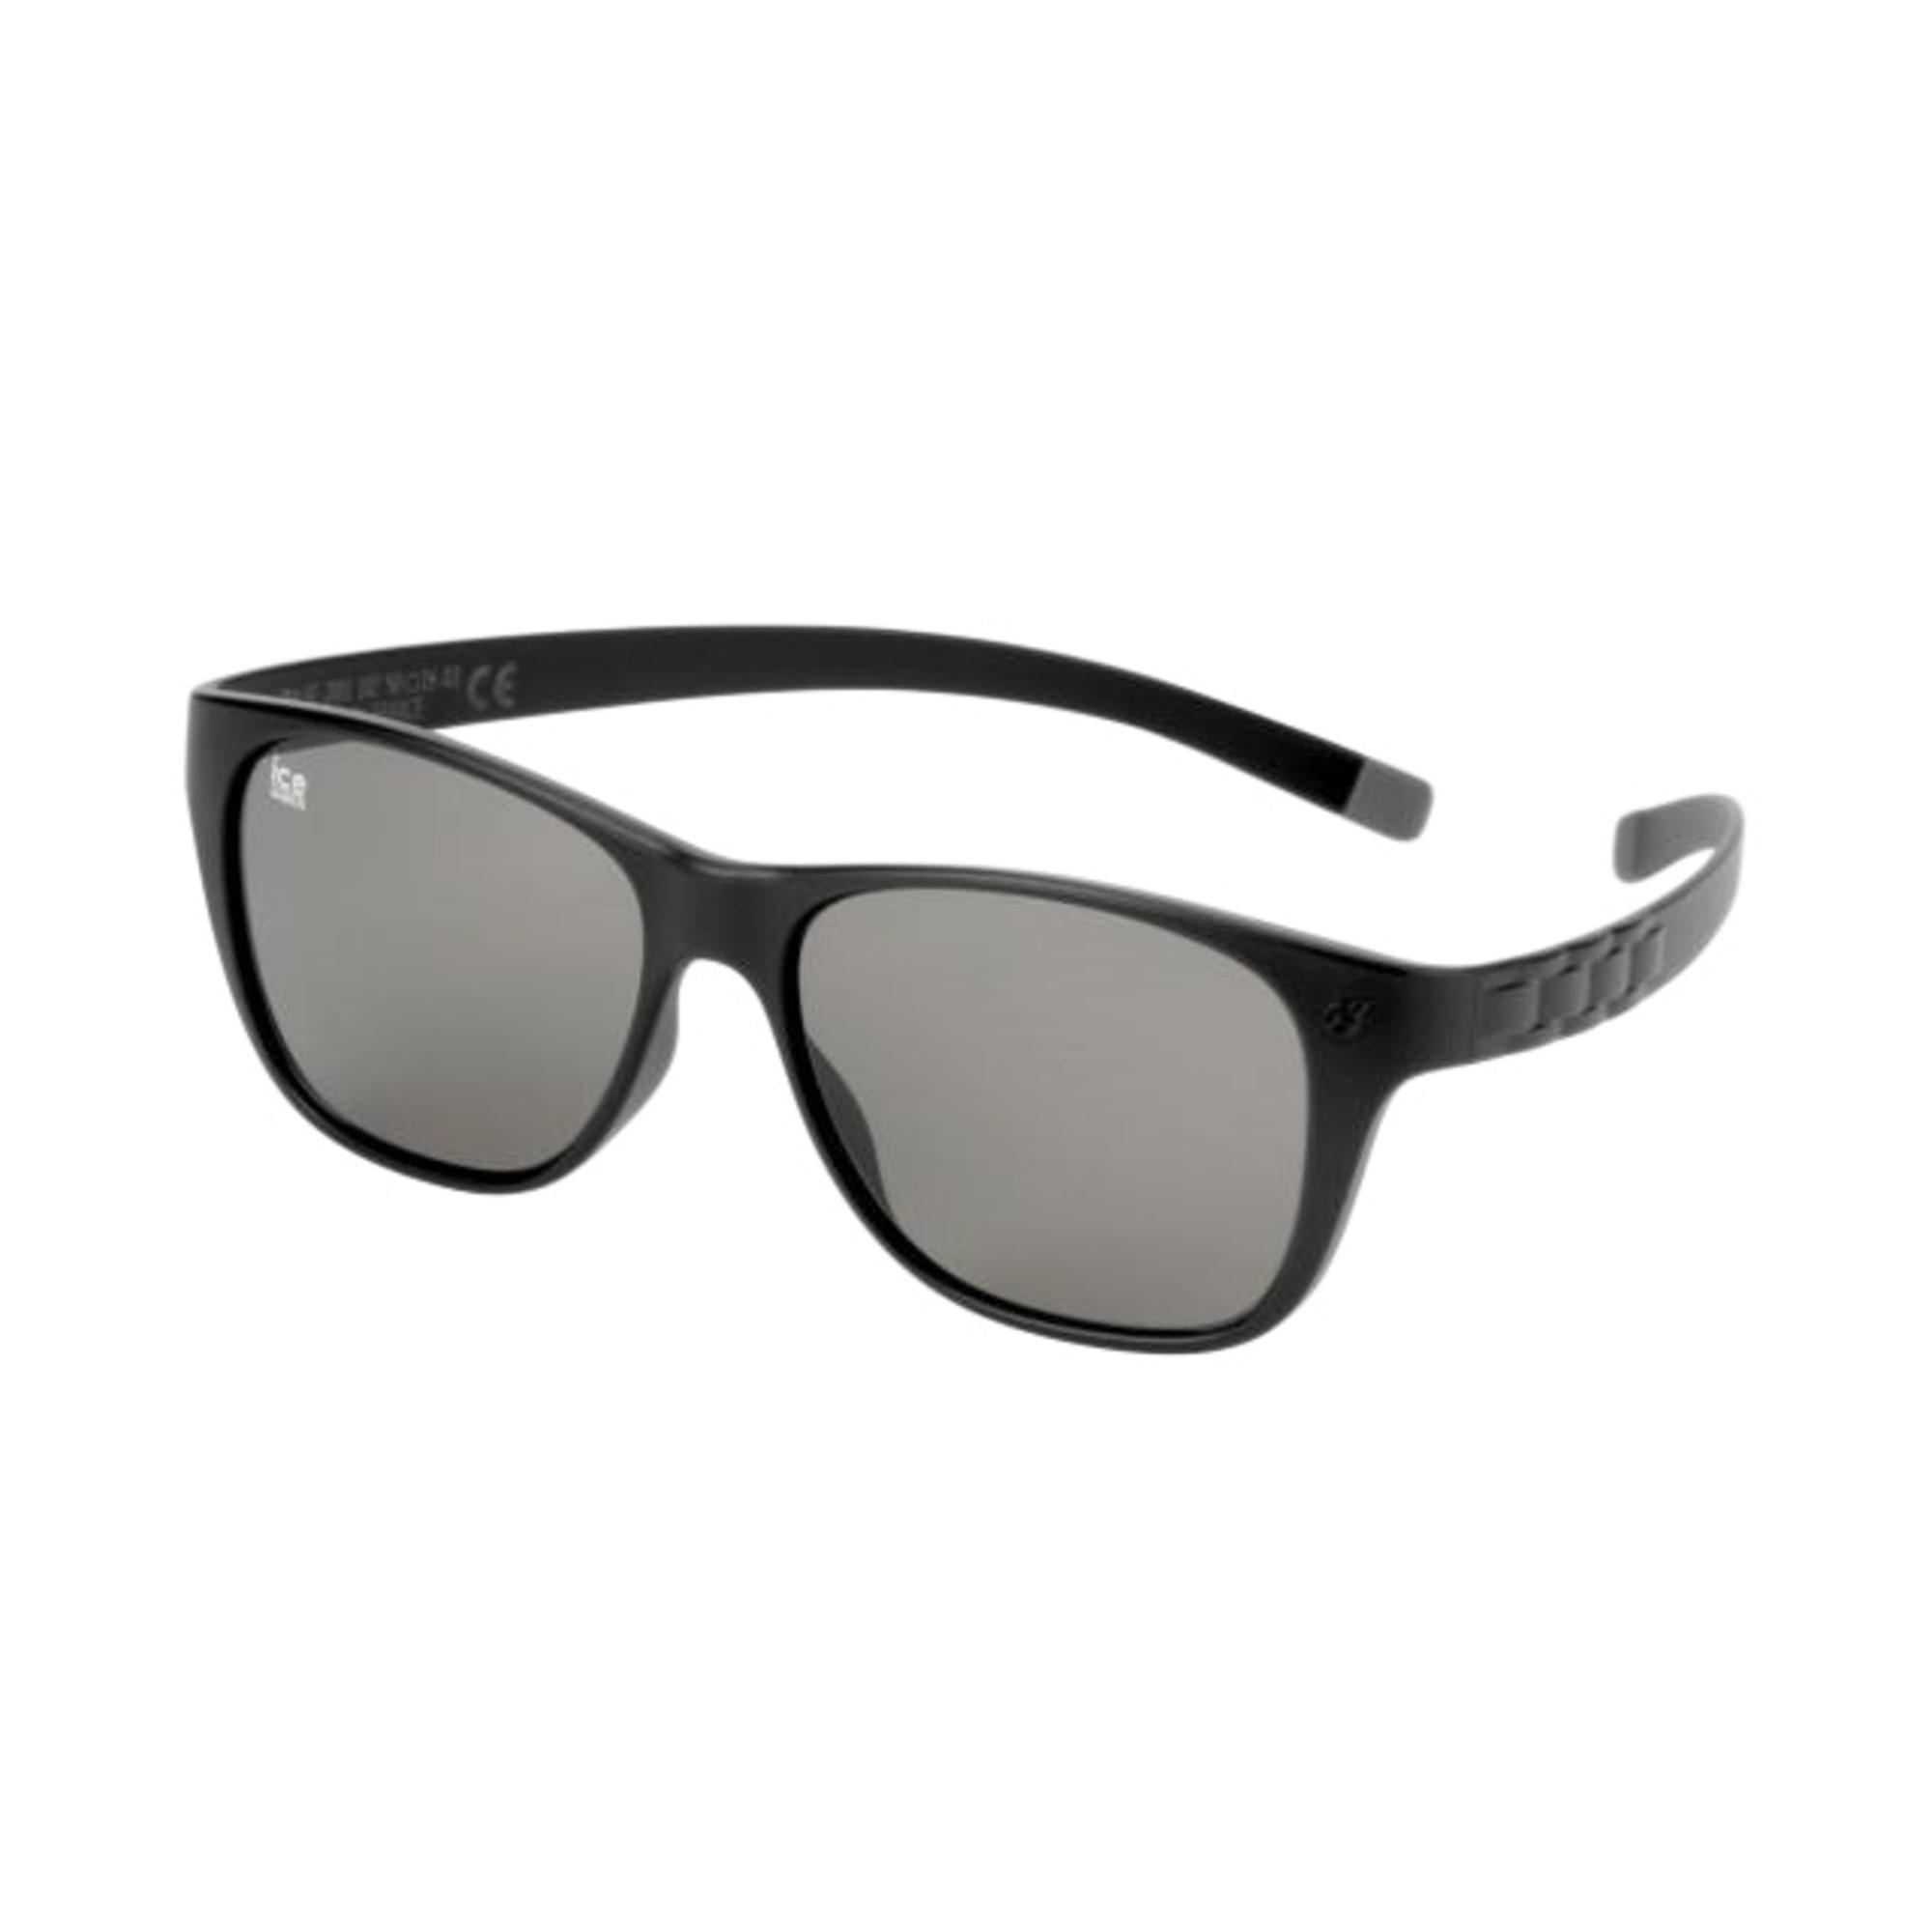 0e9990a976a Lunettes de soleil ICE WATCH noir vendu par Webdepotvente13235 - 1526071